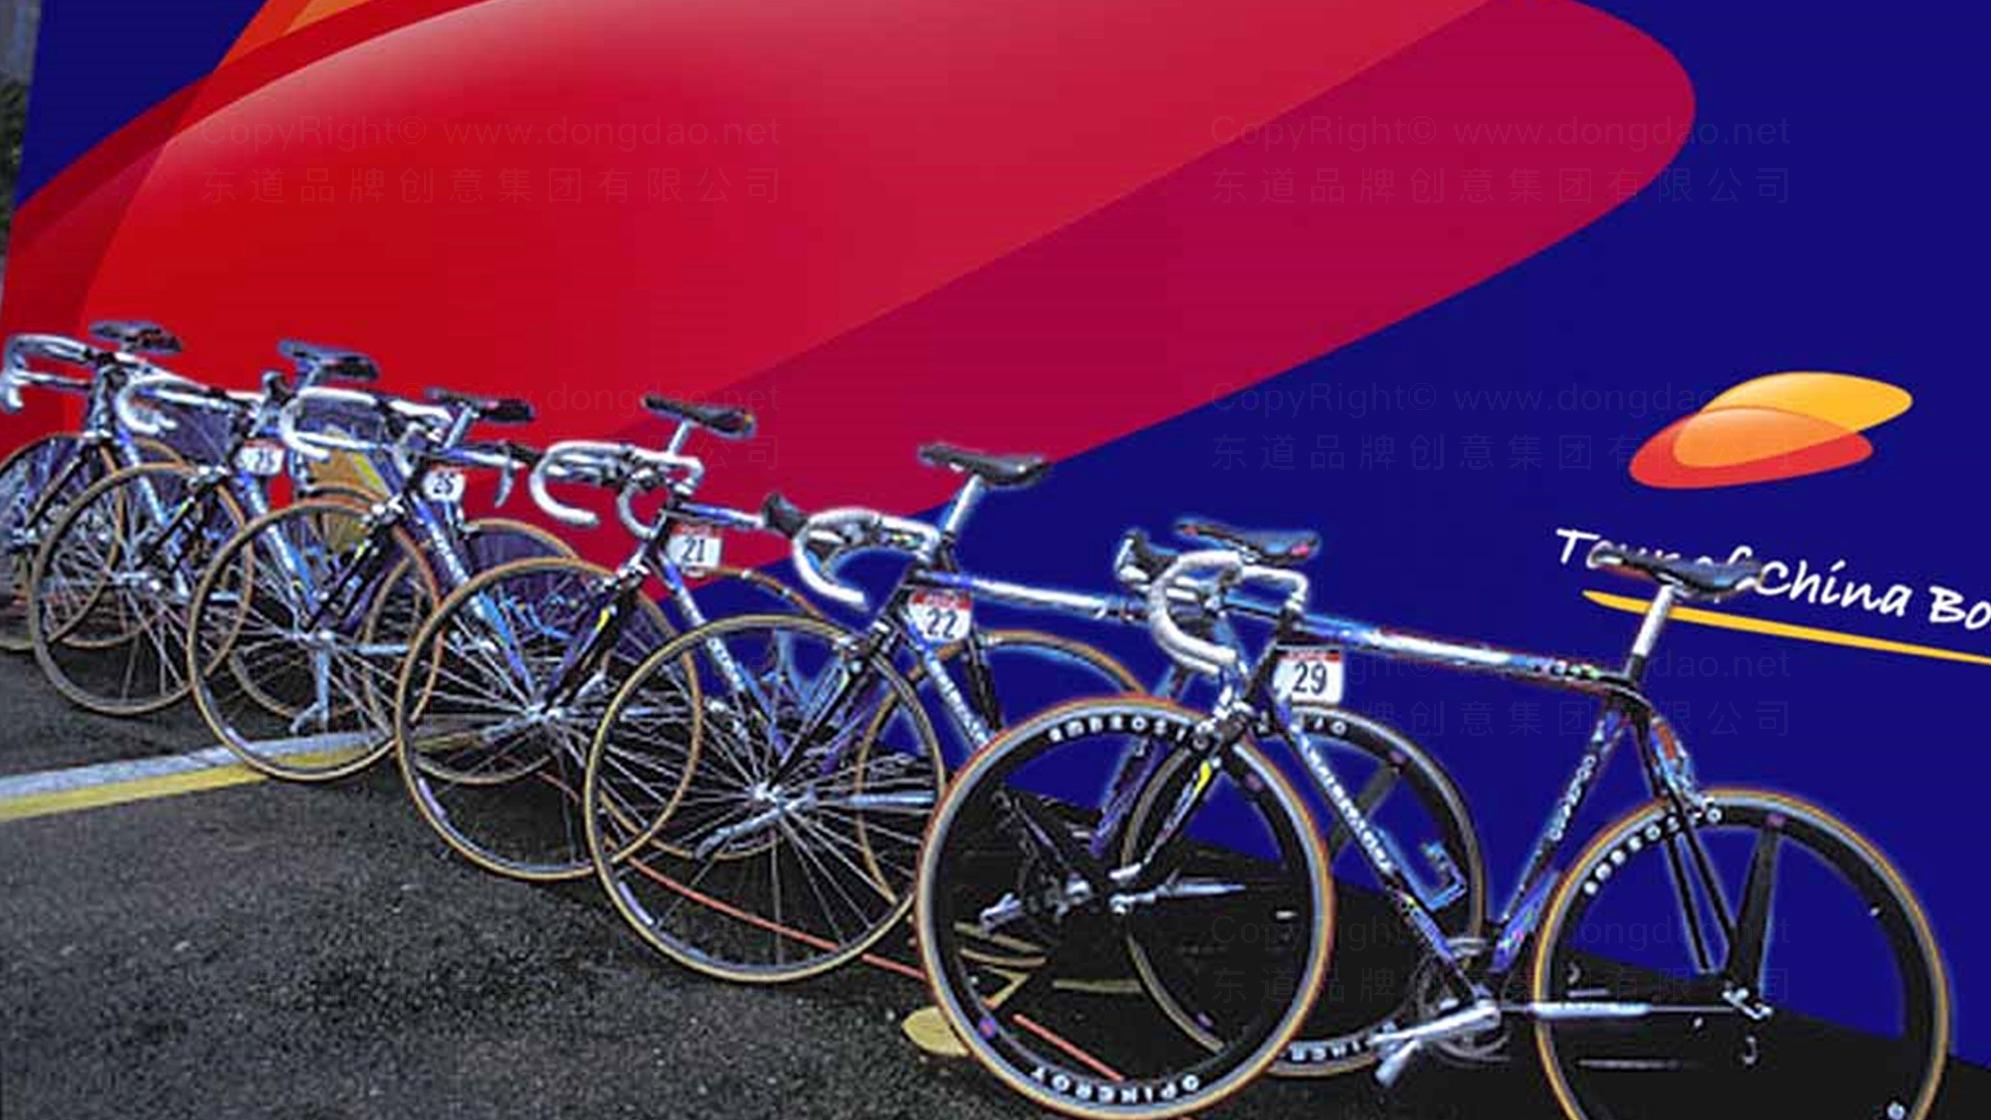 品牌设计环中国渤海国际公路自行车赛LOGO设计应用场景_2